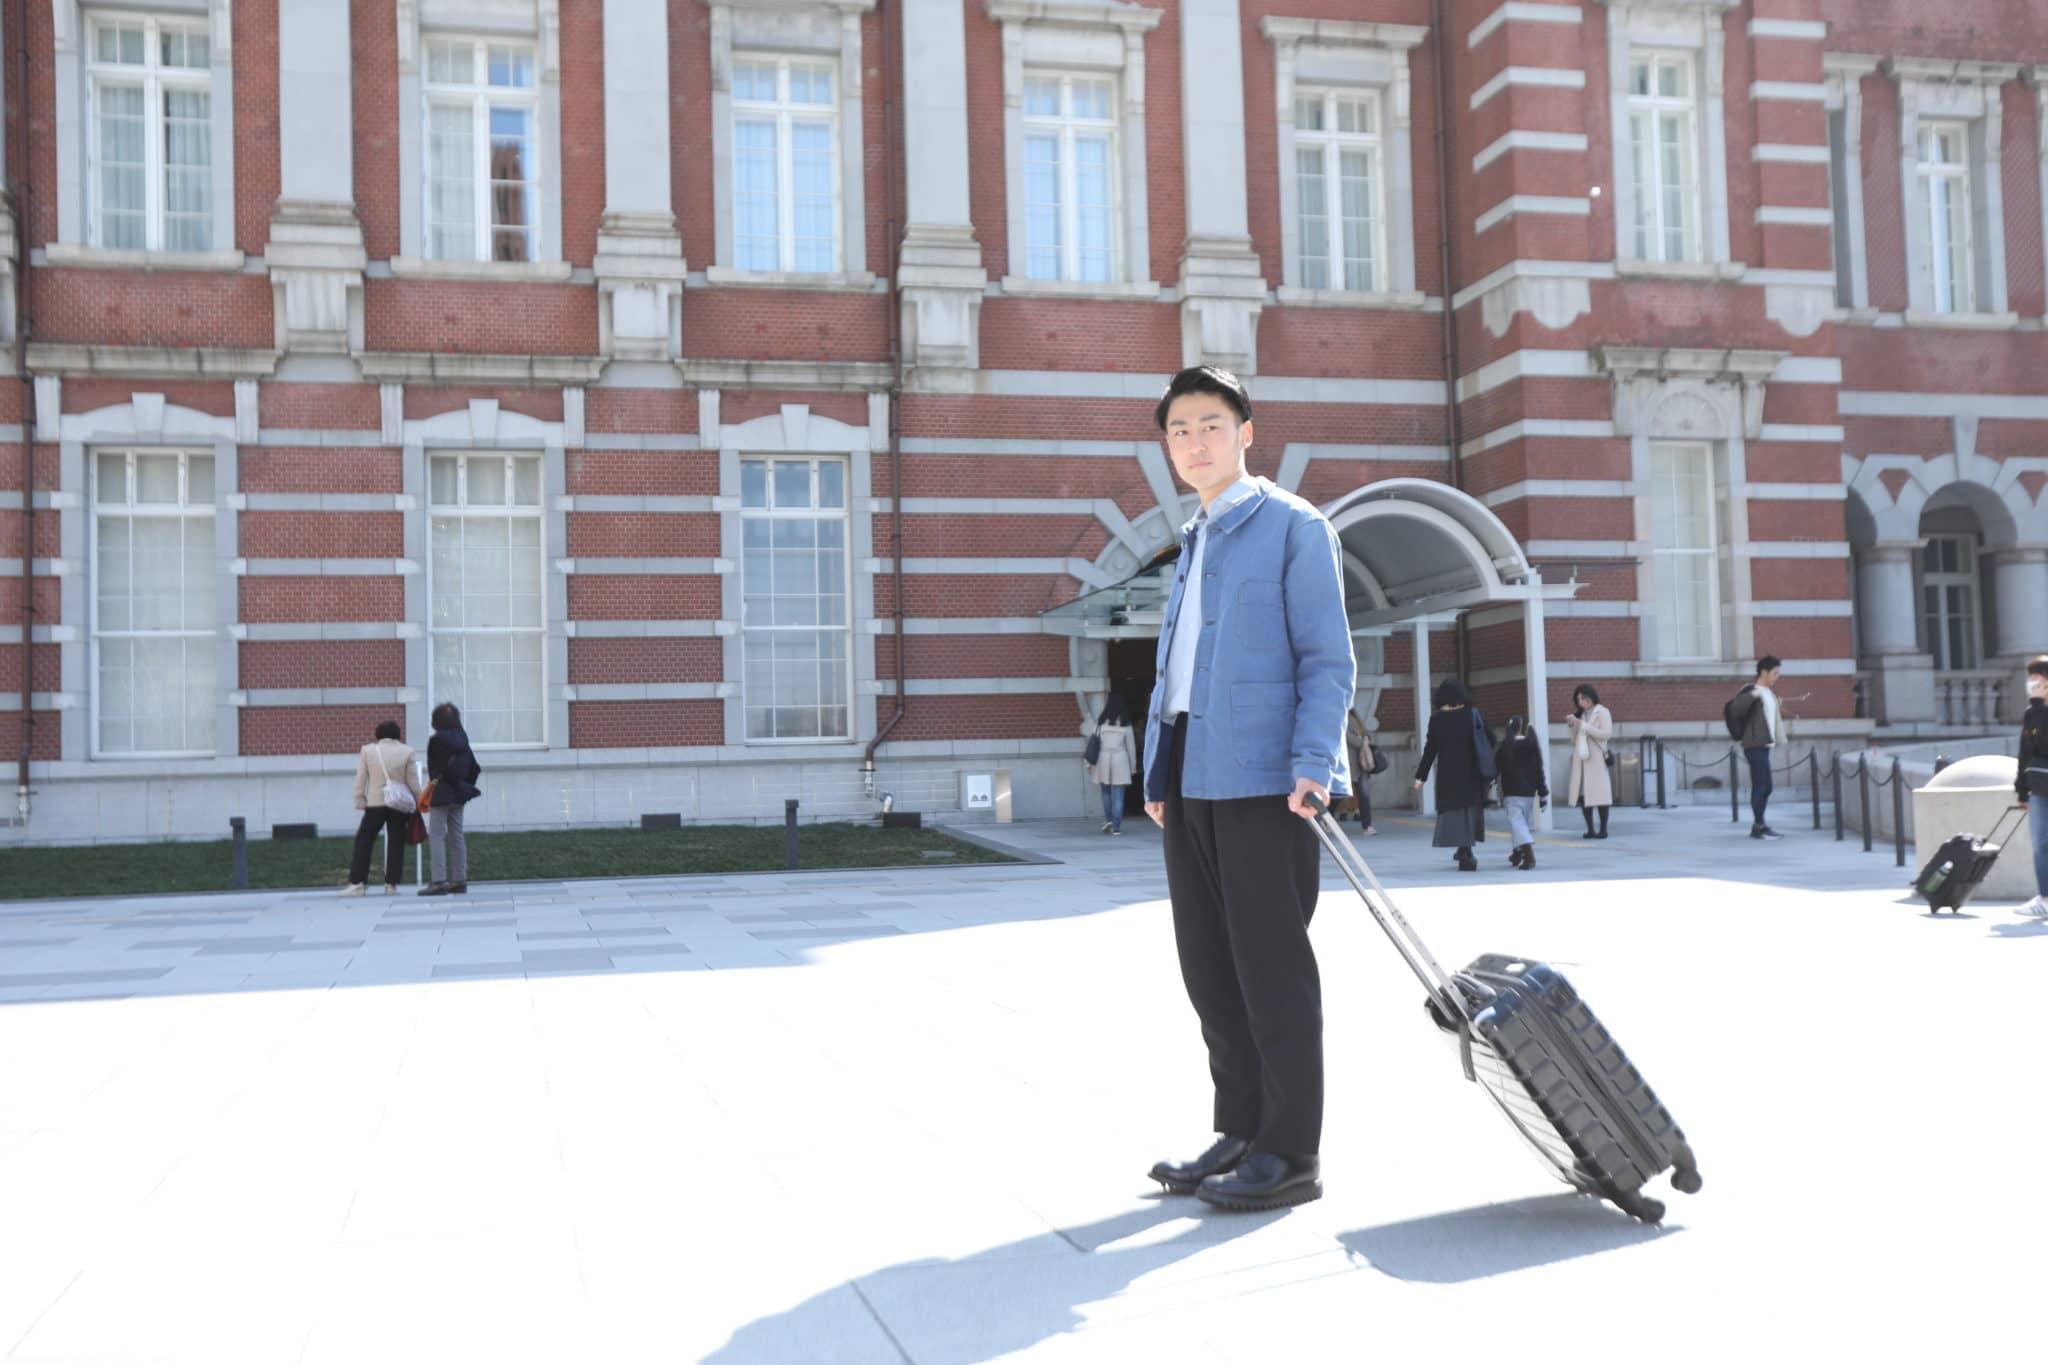 大学生が就職で上京する意味は?メリット・デメリットを解説!